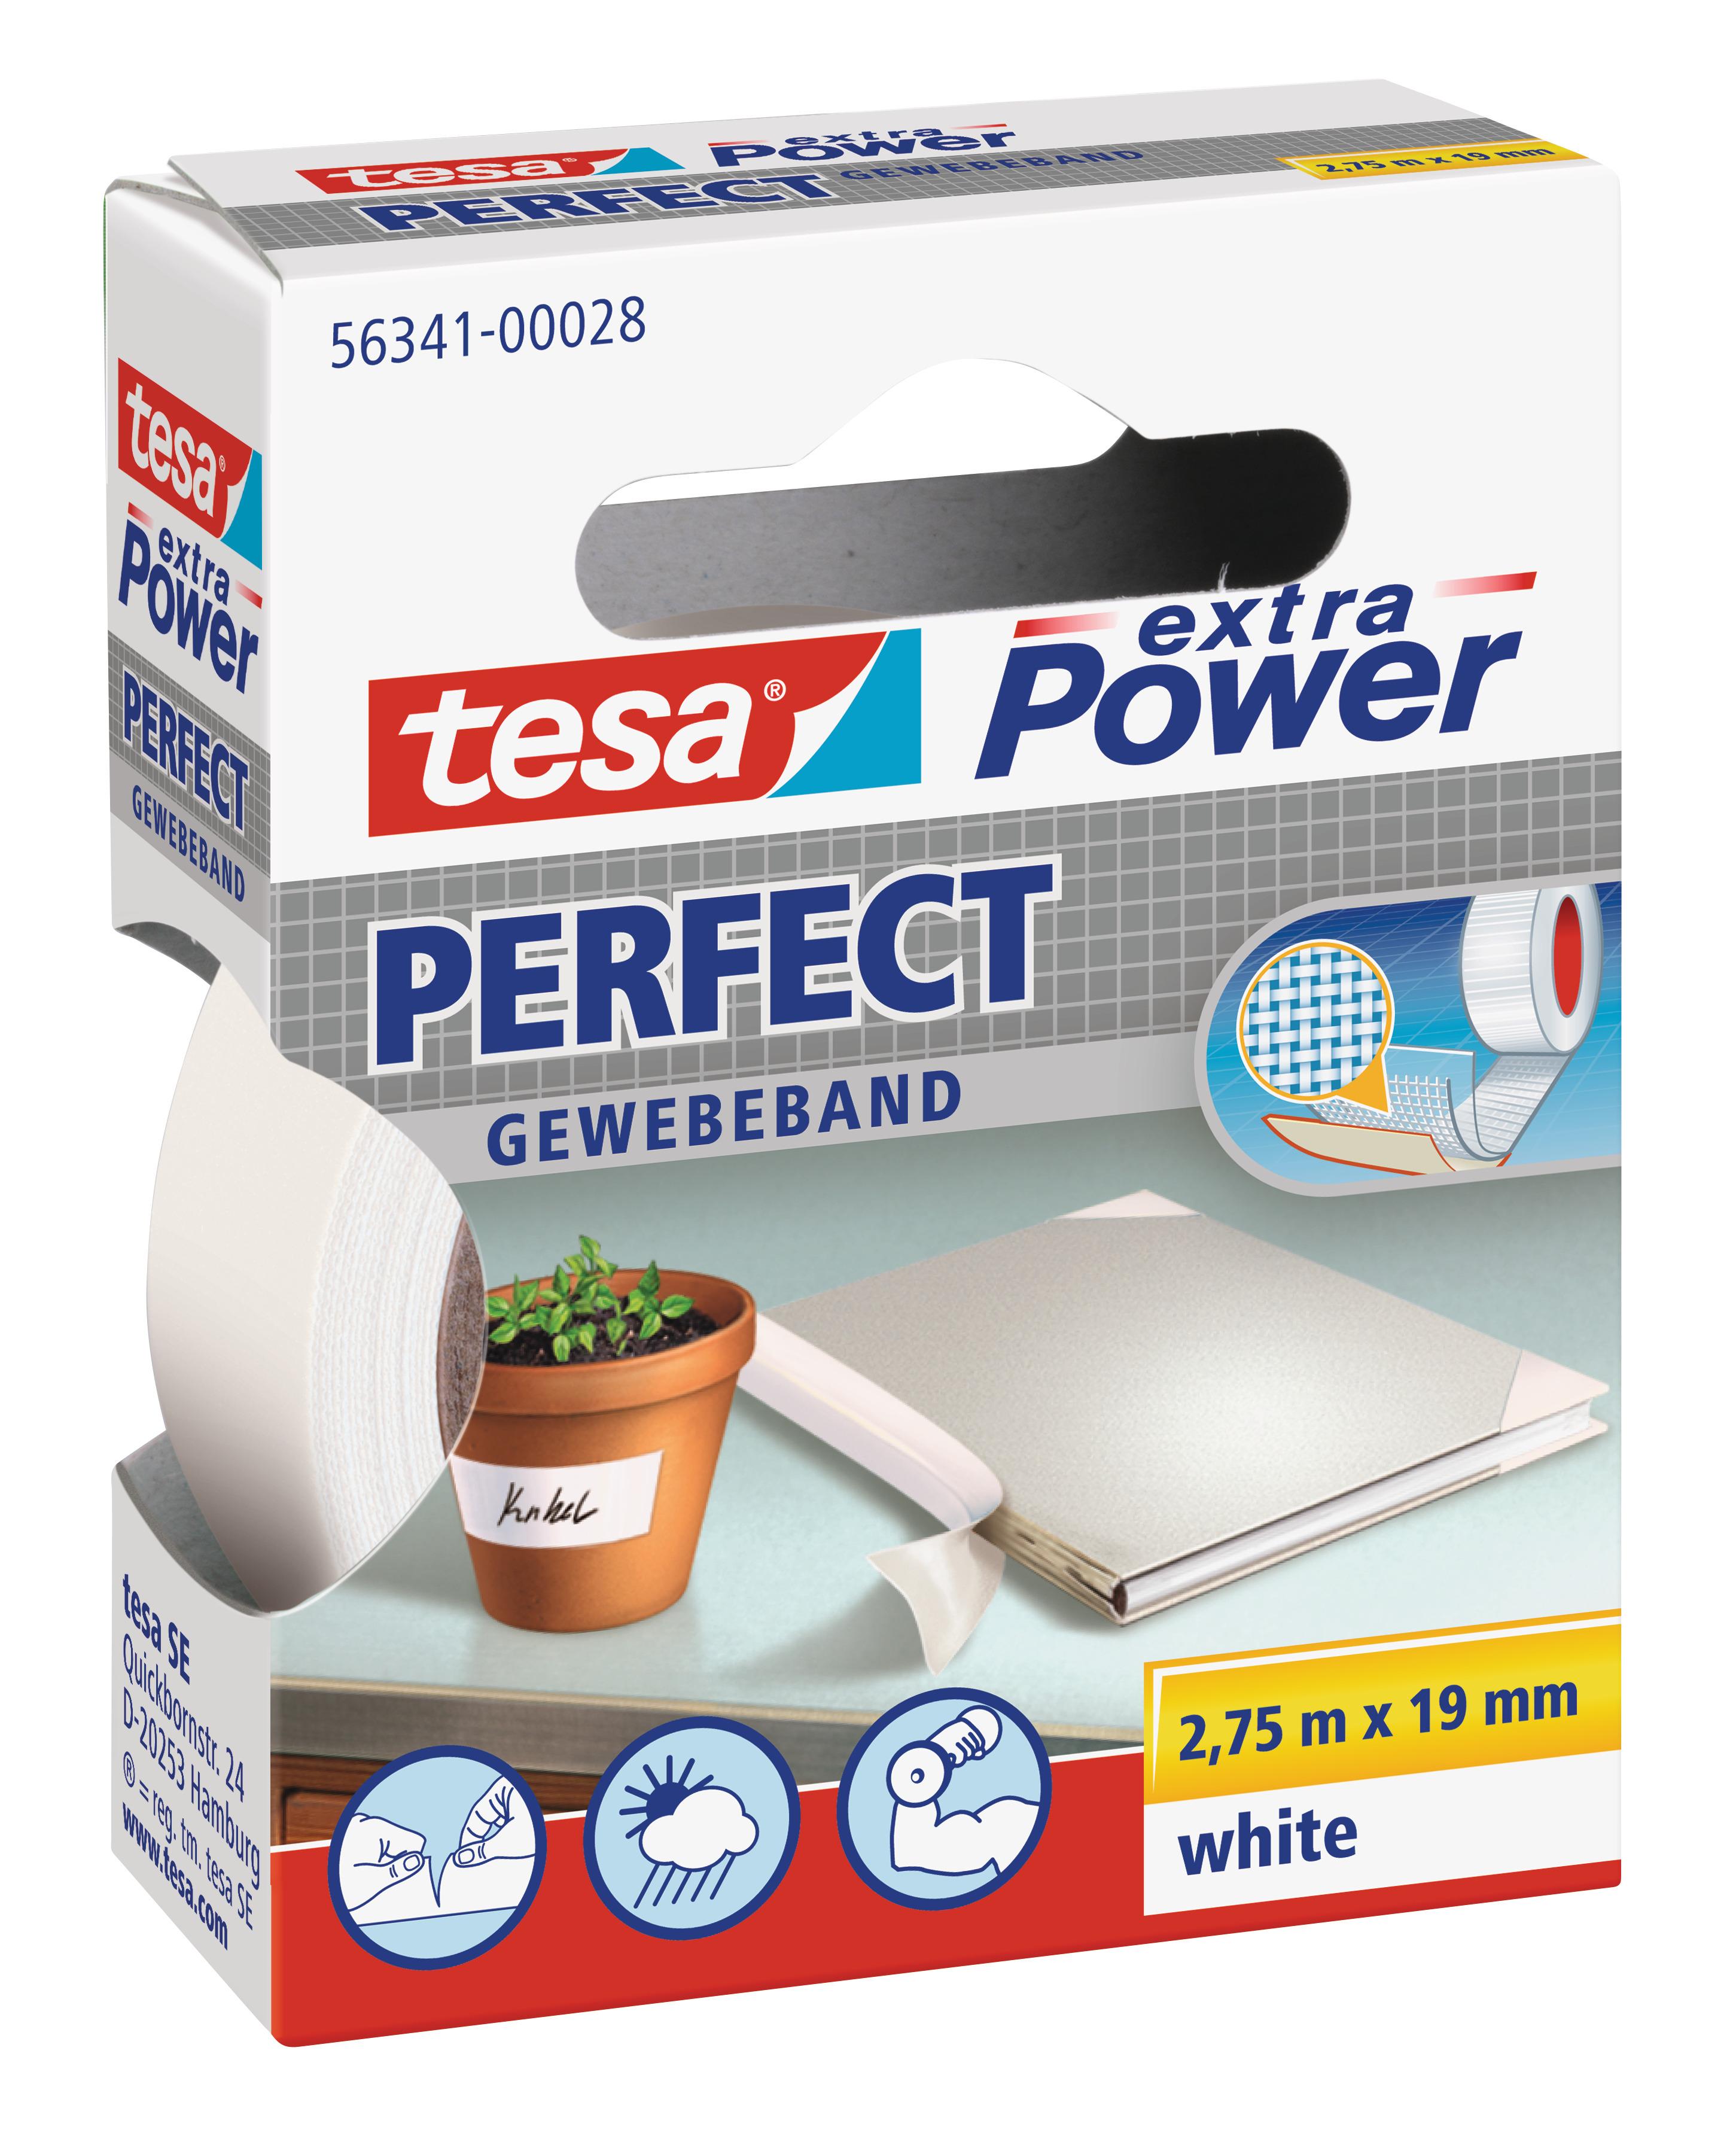 Vorschau: GP: 0,72 EUR/m tesa extra Power Perfect Gewebeband weiß 2,75m x 19mm